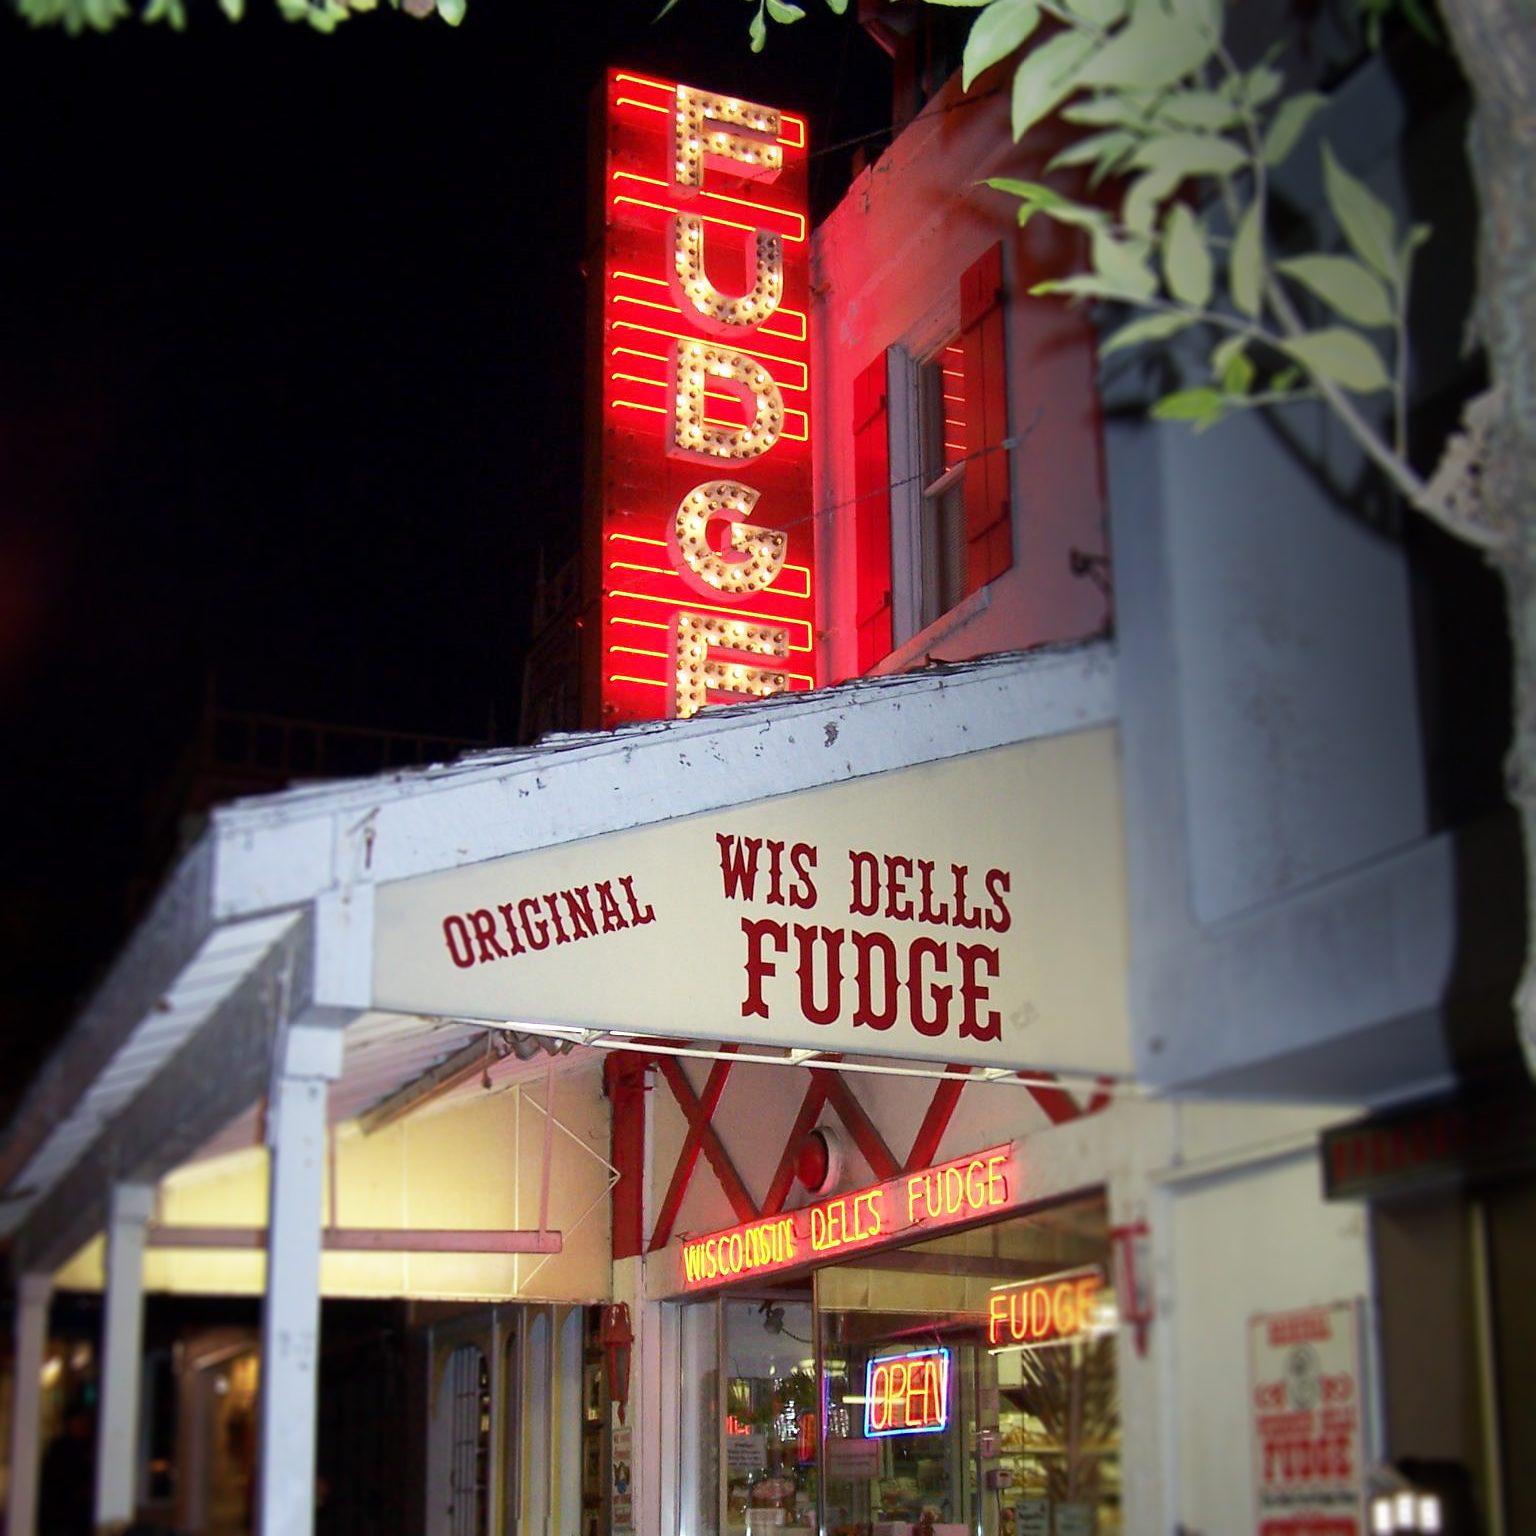 The Best Fudge Shop in Wisconsin - Original Wisconsin Dells Fudge